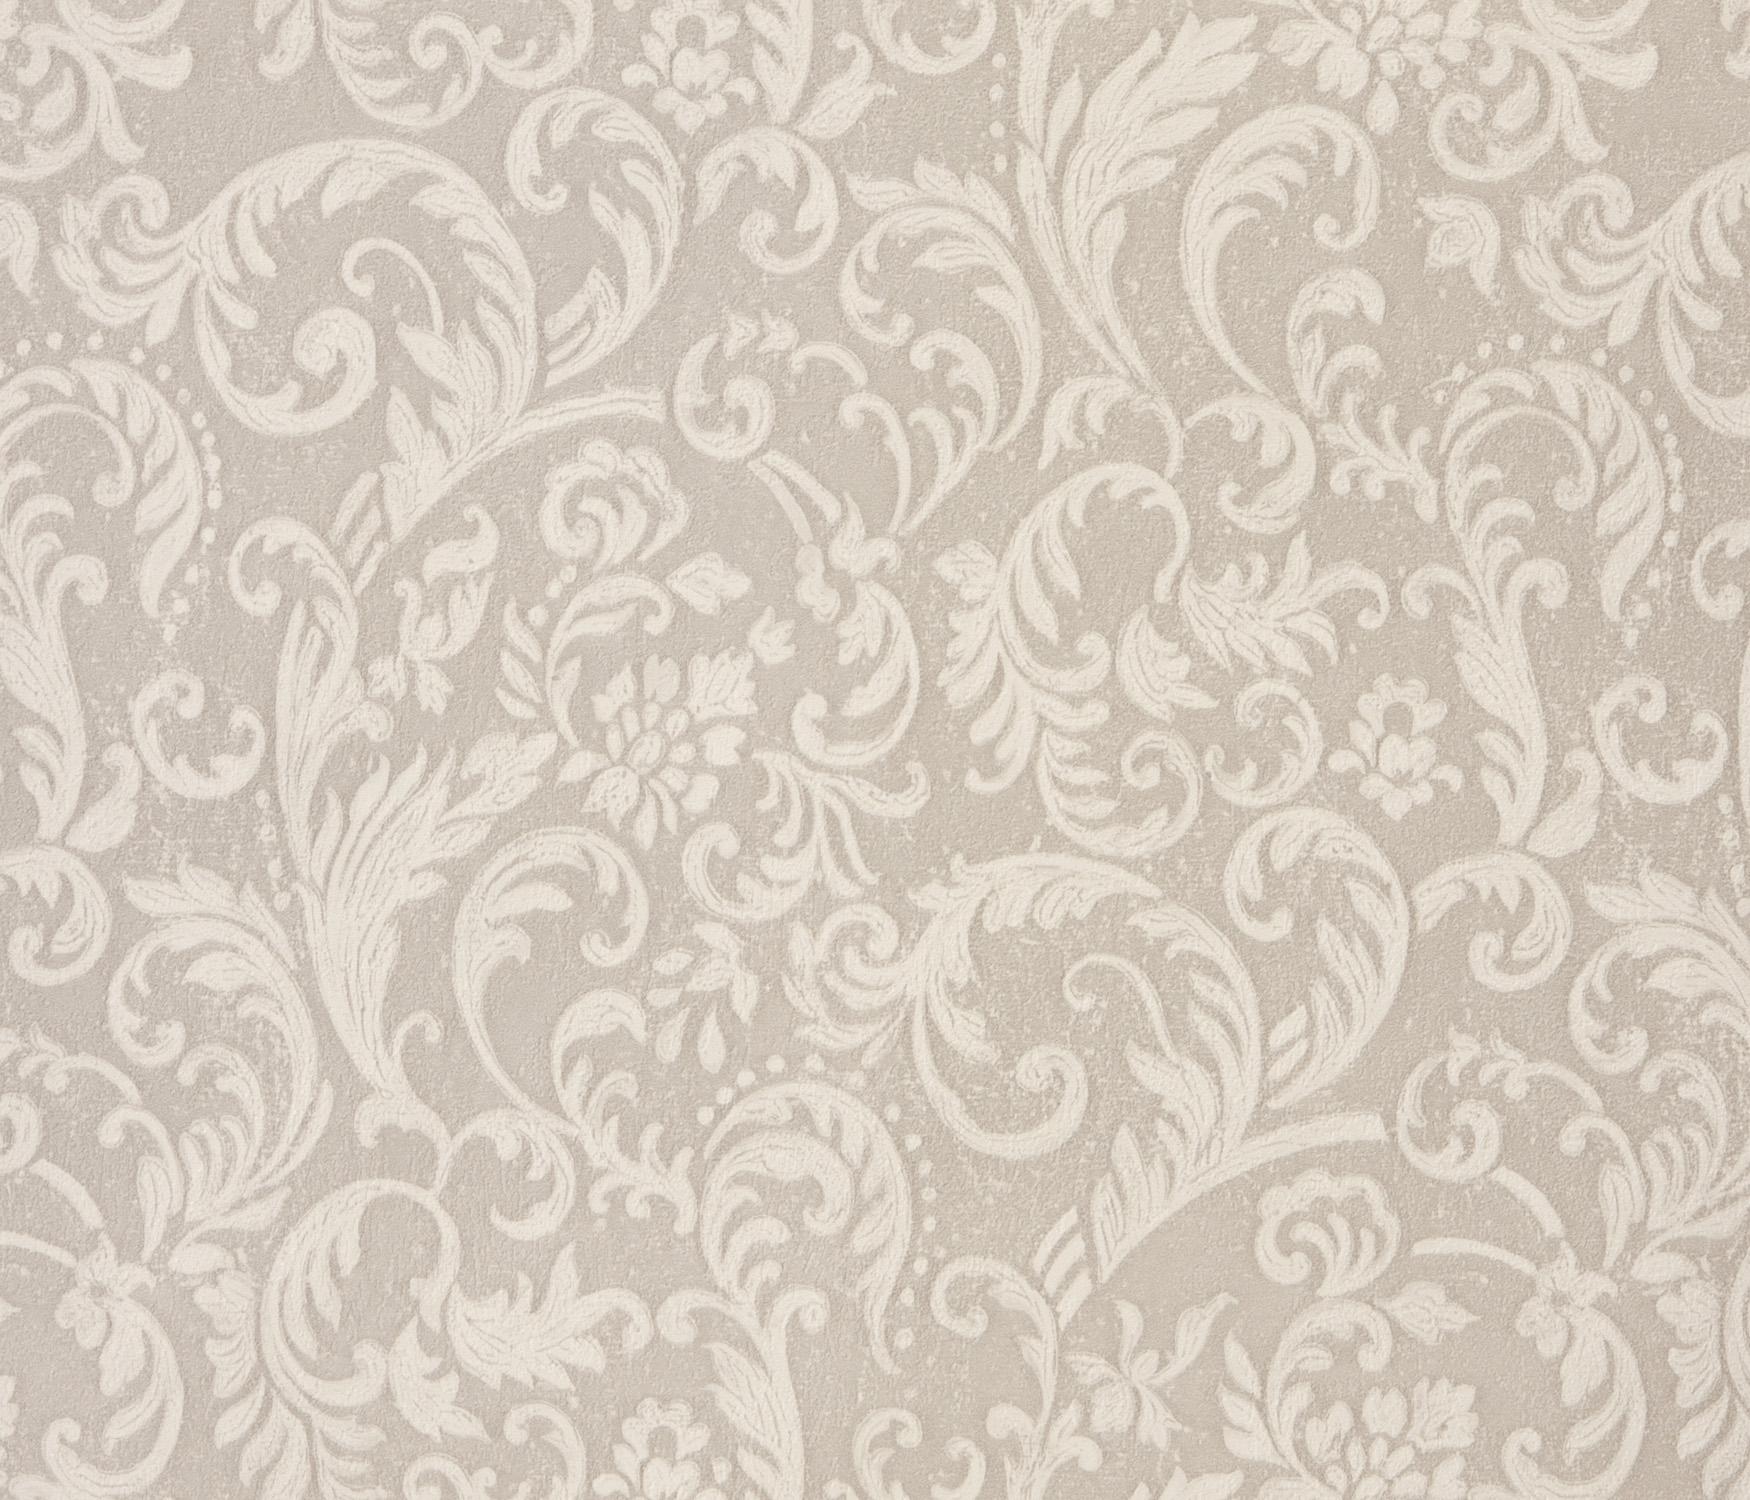 Papel de parede para decoração lindos modelosModa e Conforto #7A6851 1750 1500